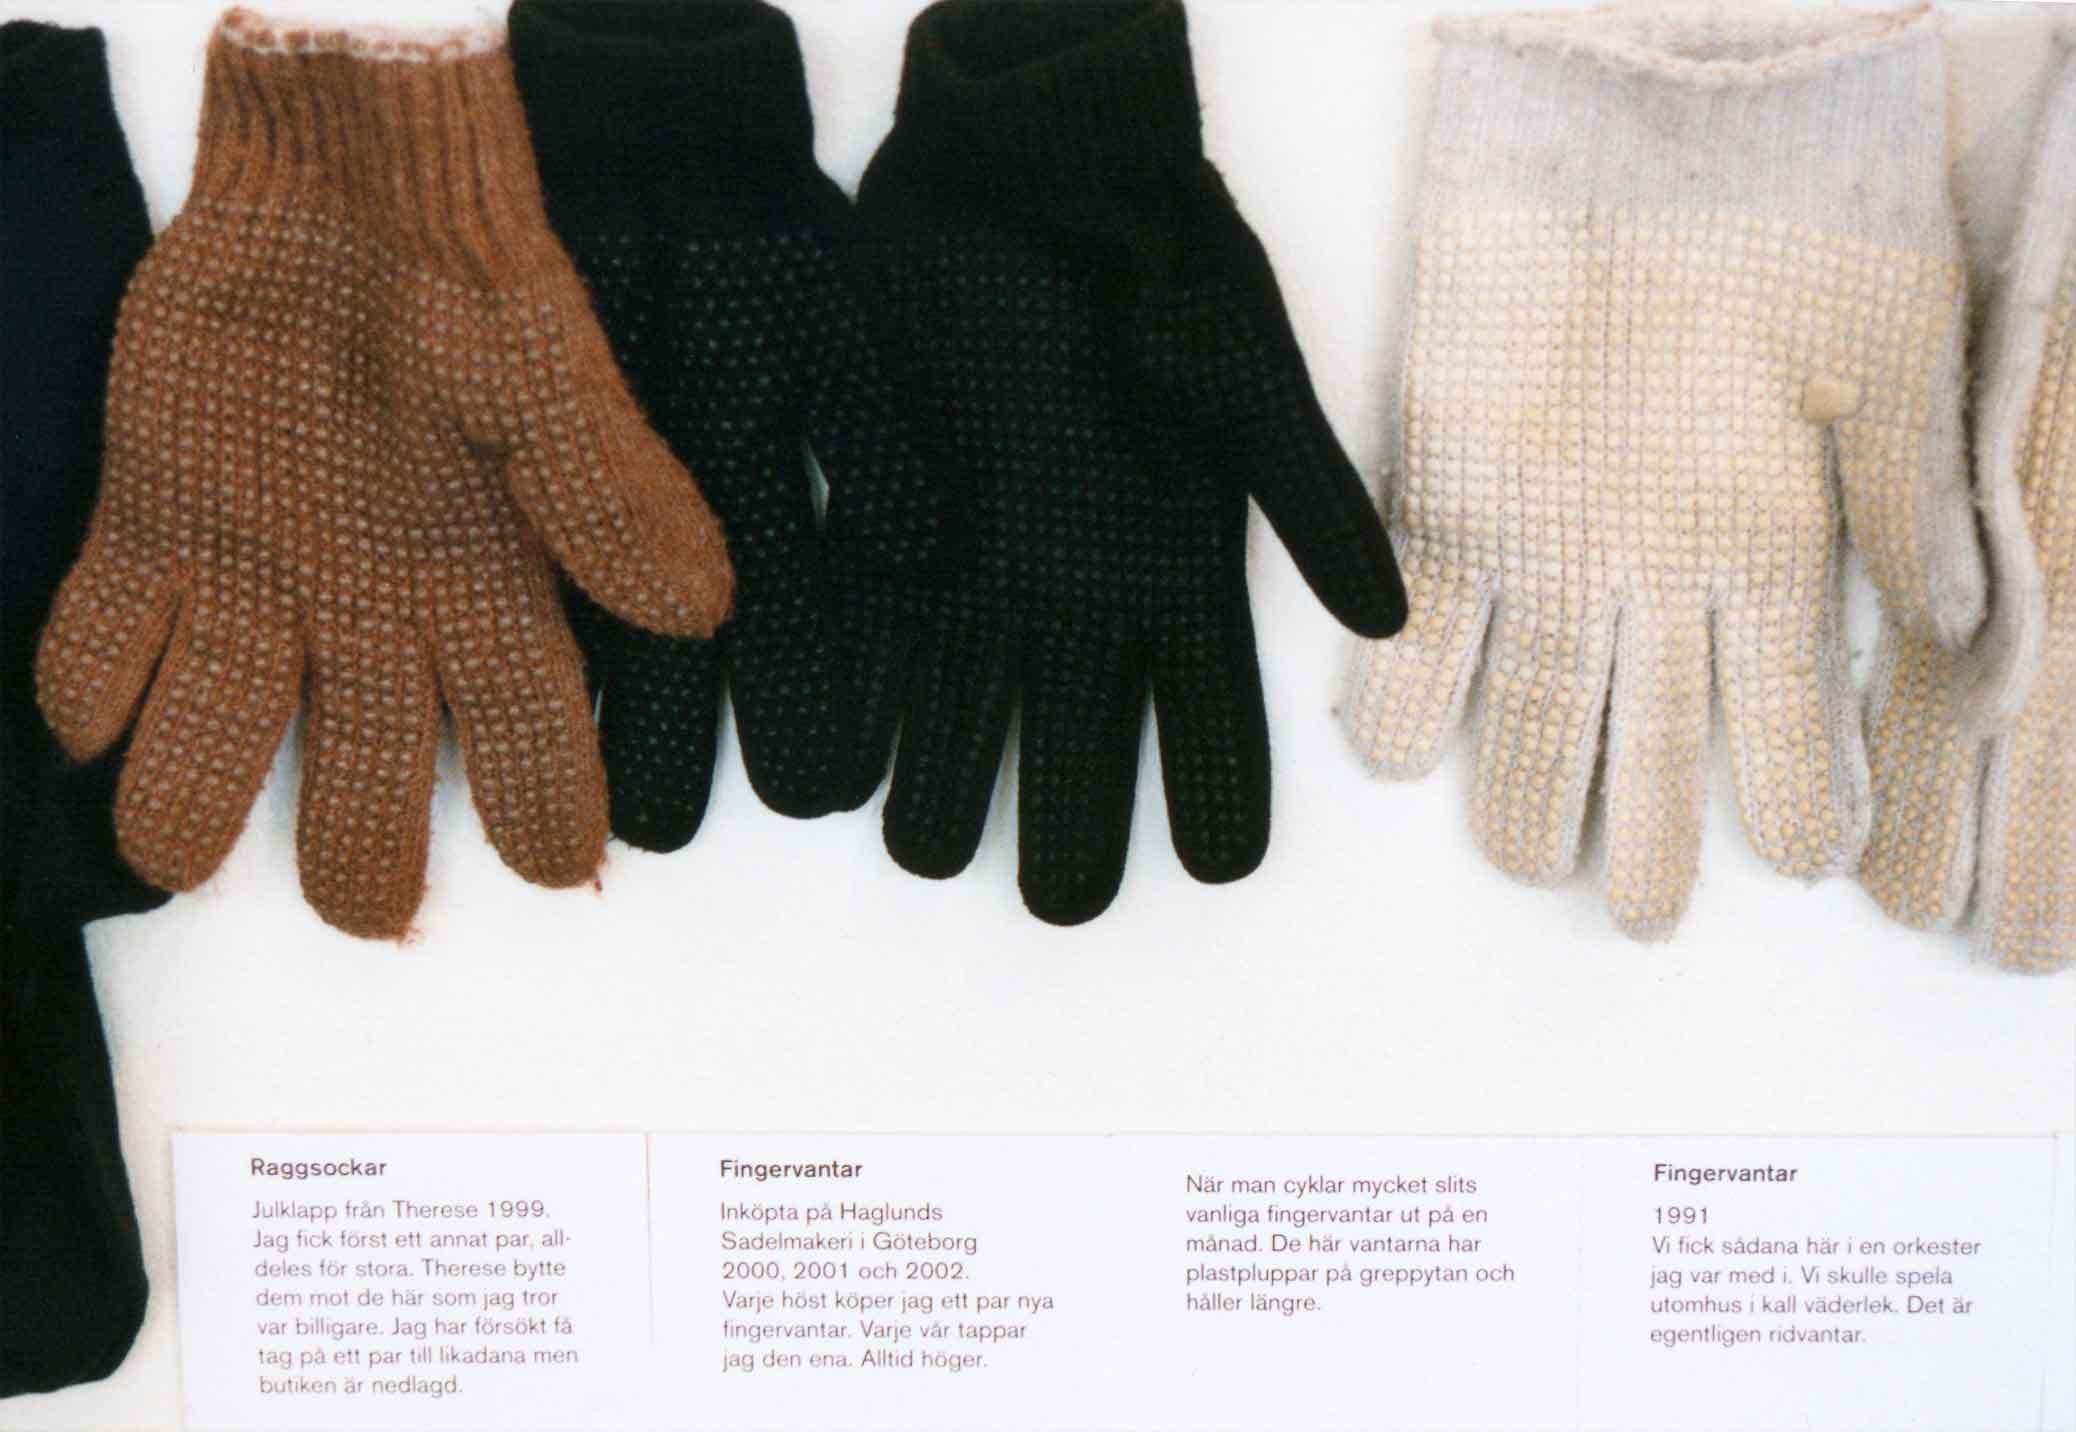 Alla mina kläder, installation med alla mina kläder på Göteborgs konstmuseum 2003. Detalj med fingervantar. All my clothes, installation with all my clothes at the Gothenburg Art Museum in 2003. Detail of gloves.